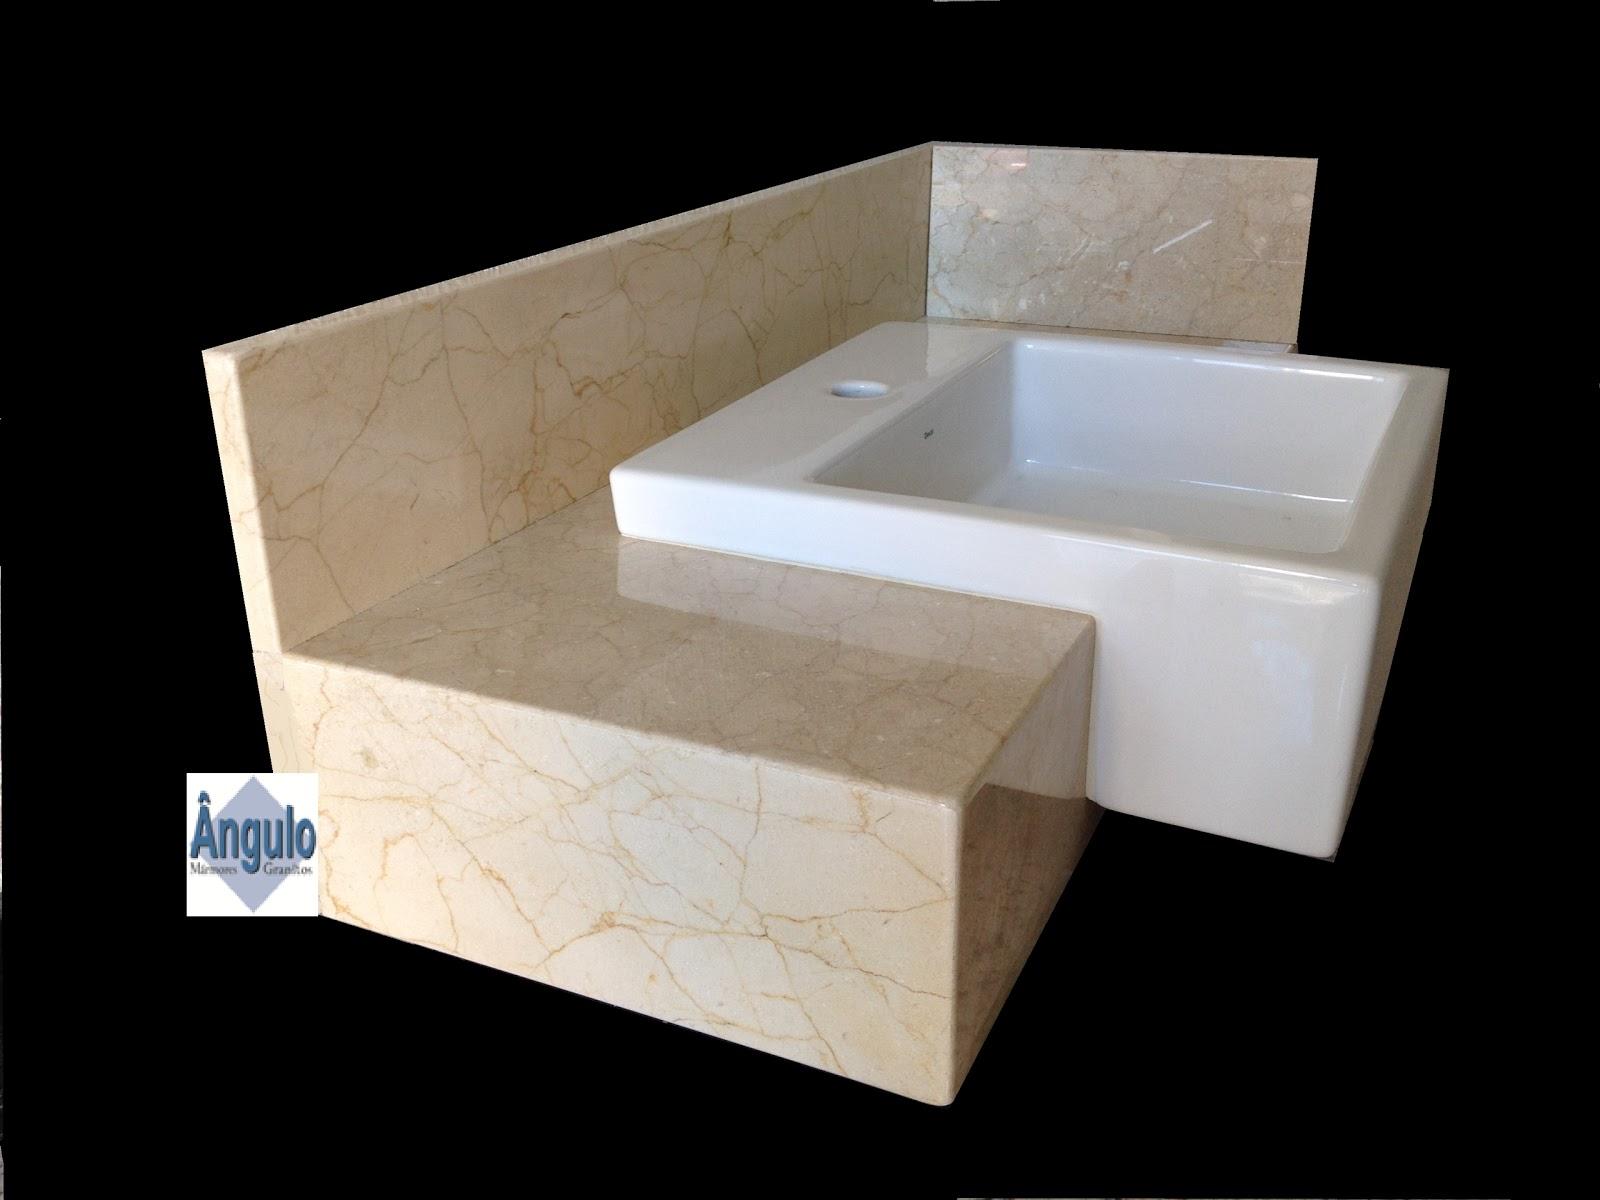 Ângulo Mármores e Granitos: Banheiros #476784 1600x1200 Banheiro Com Granito Branco Siena